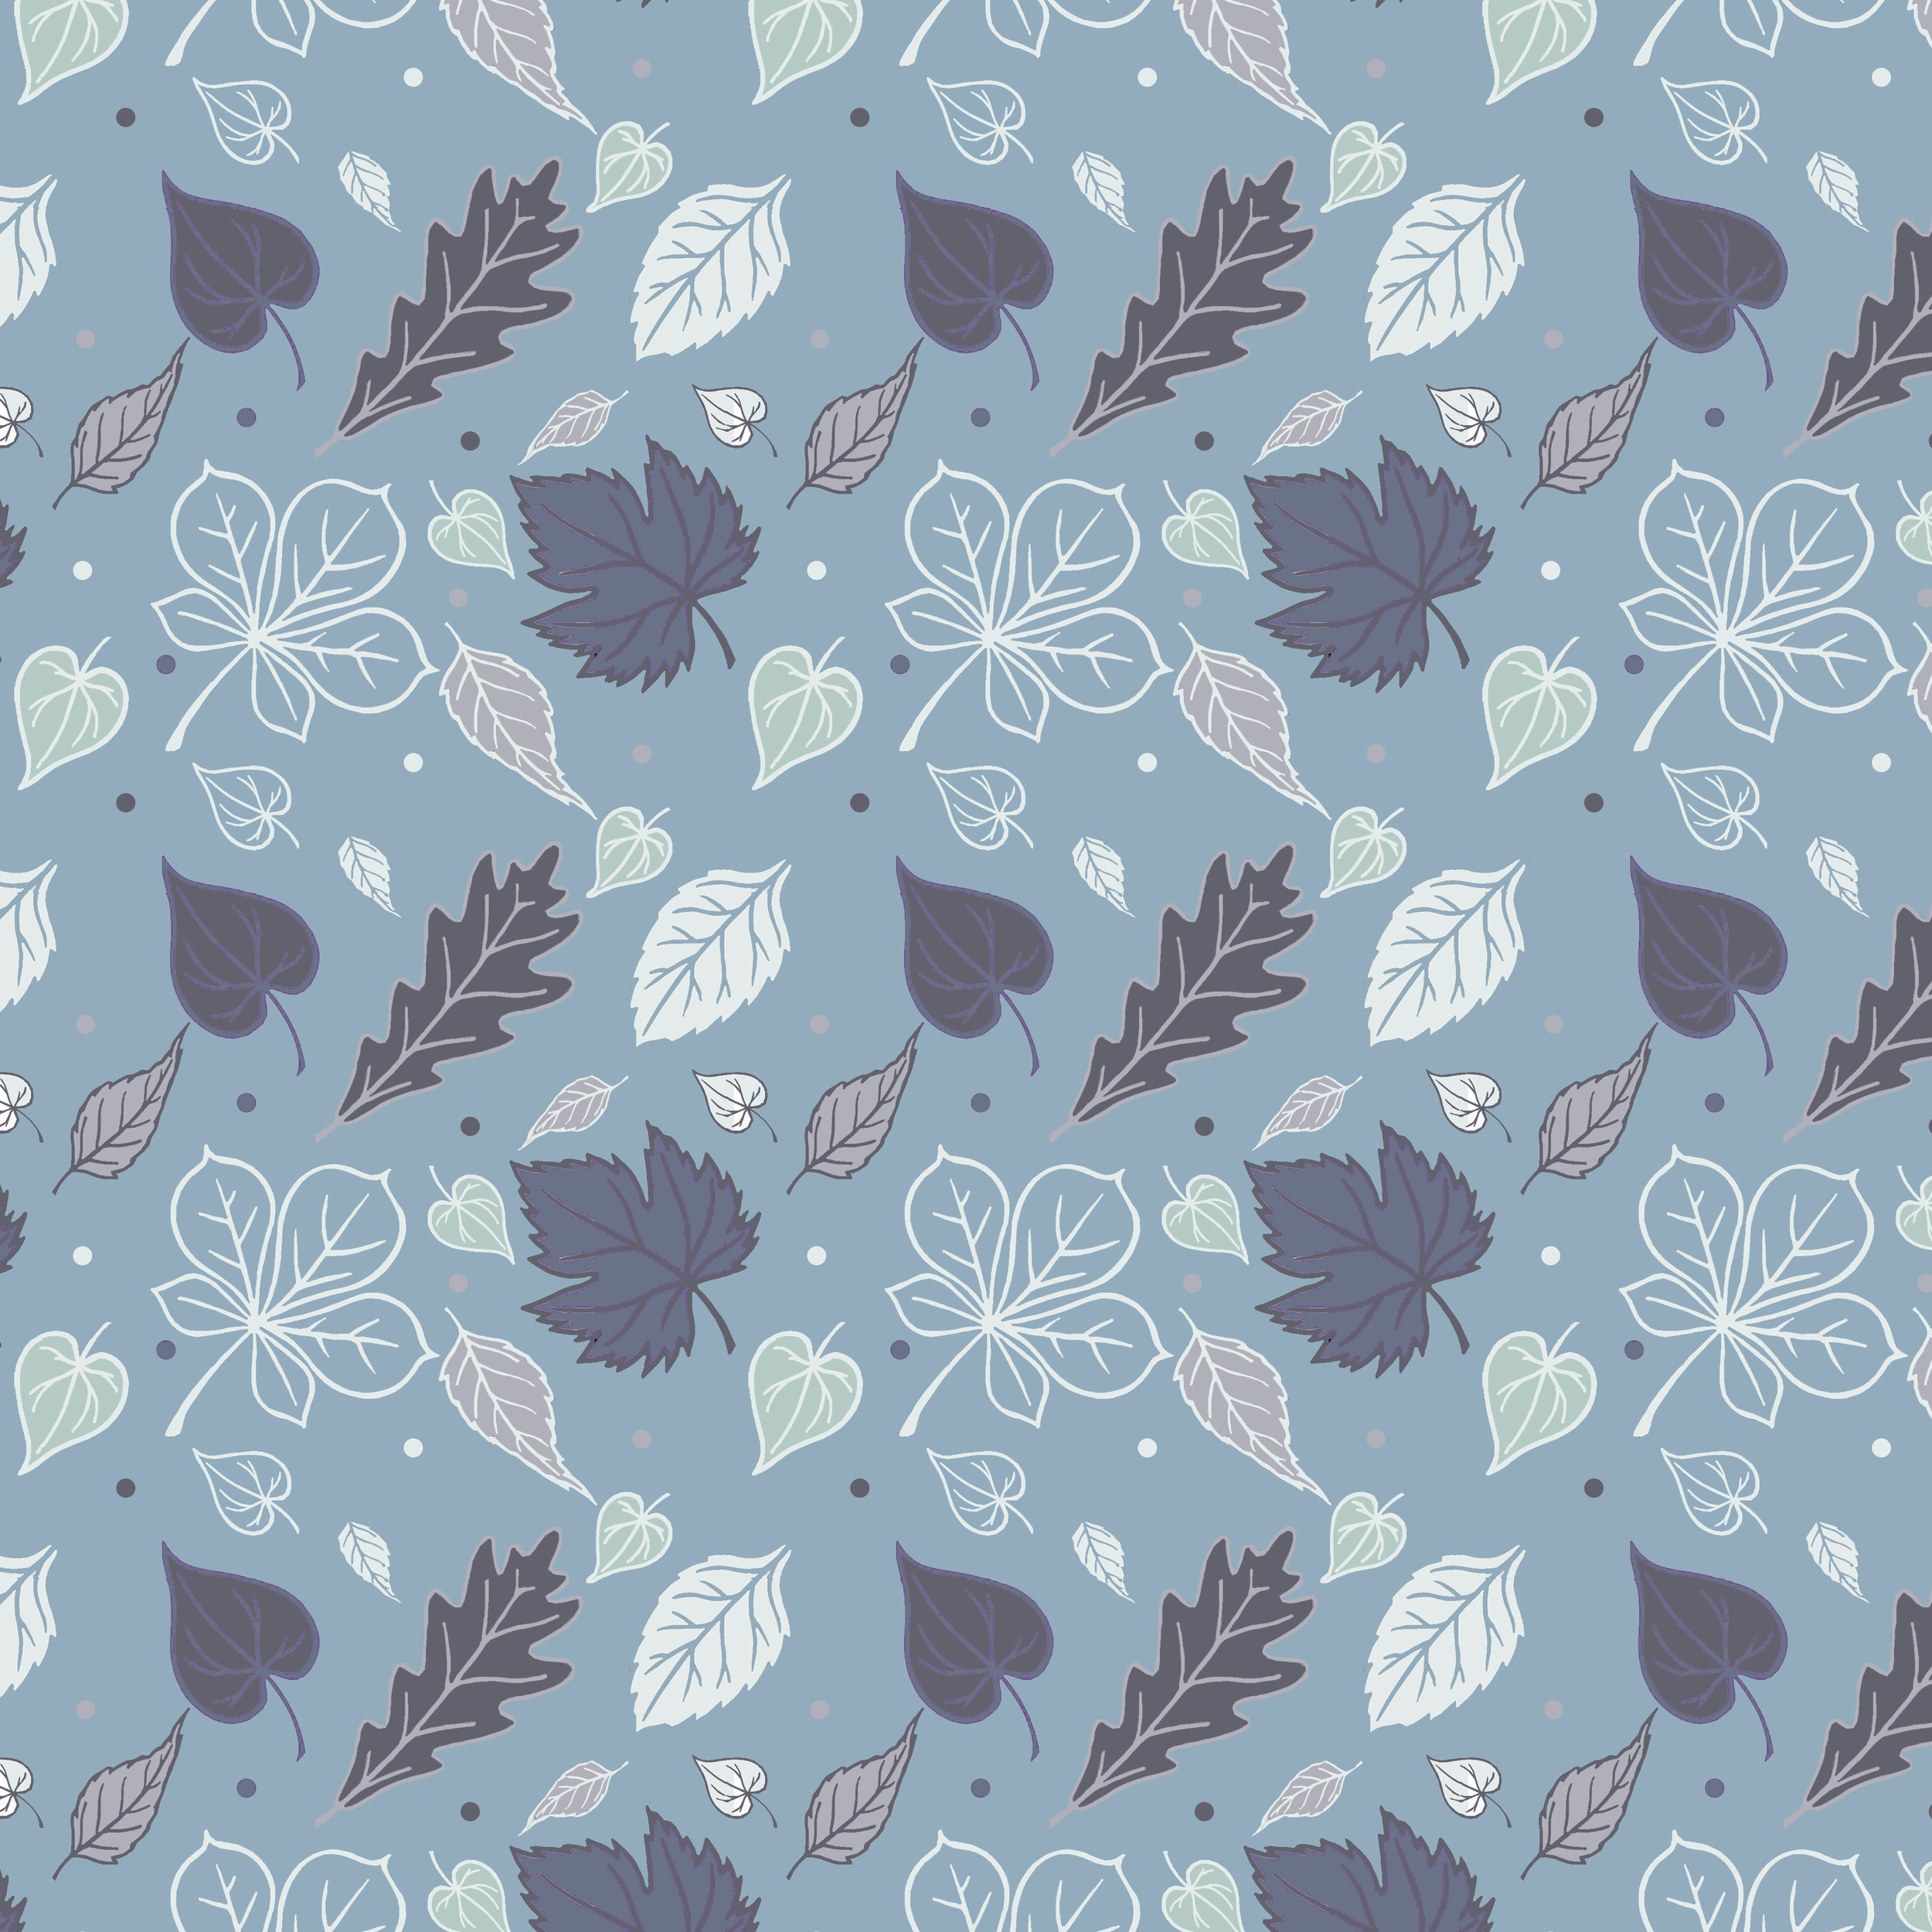 Leaf design blue